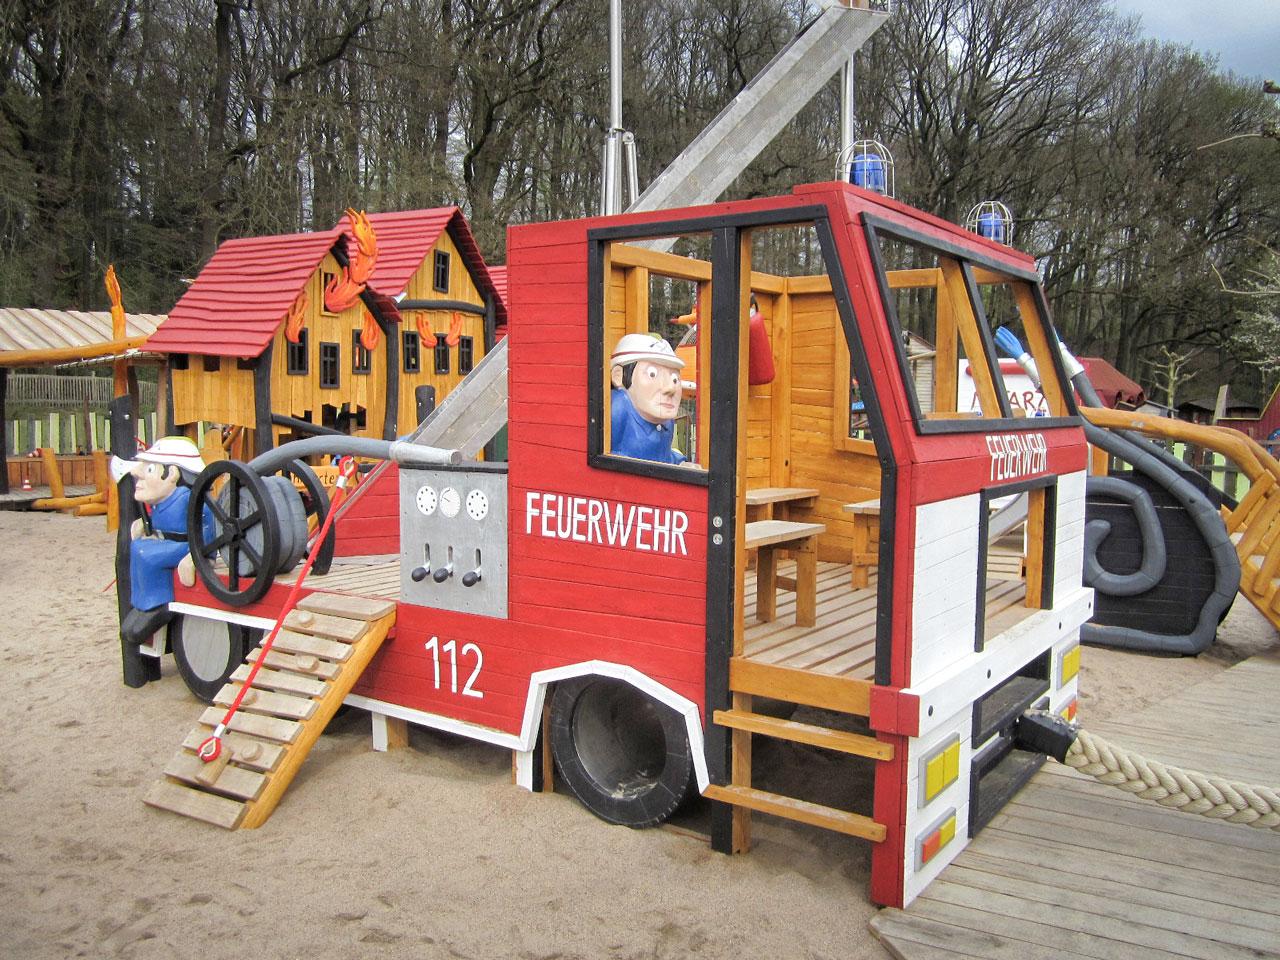 N 125 Themenspielplatz Feuerwehr mit Feuerwehrauto